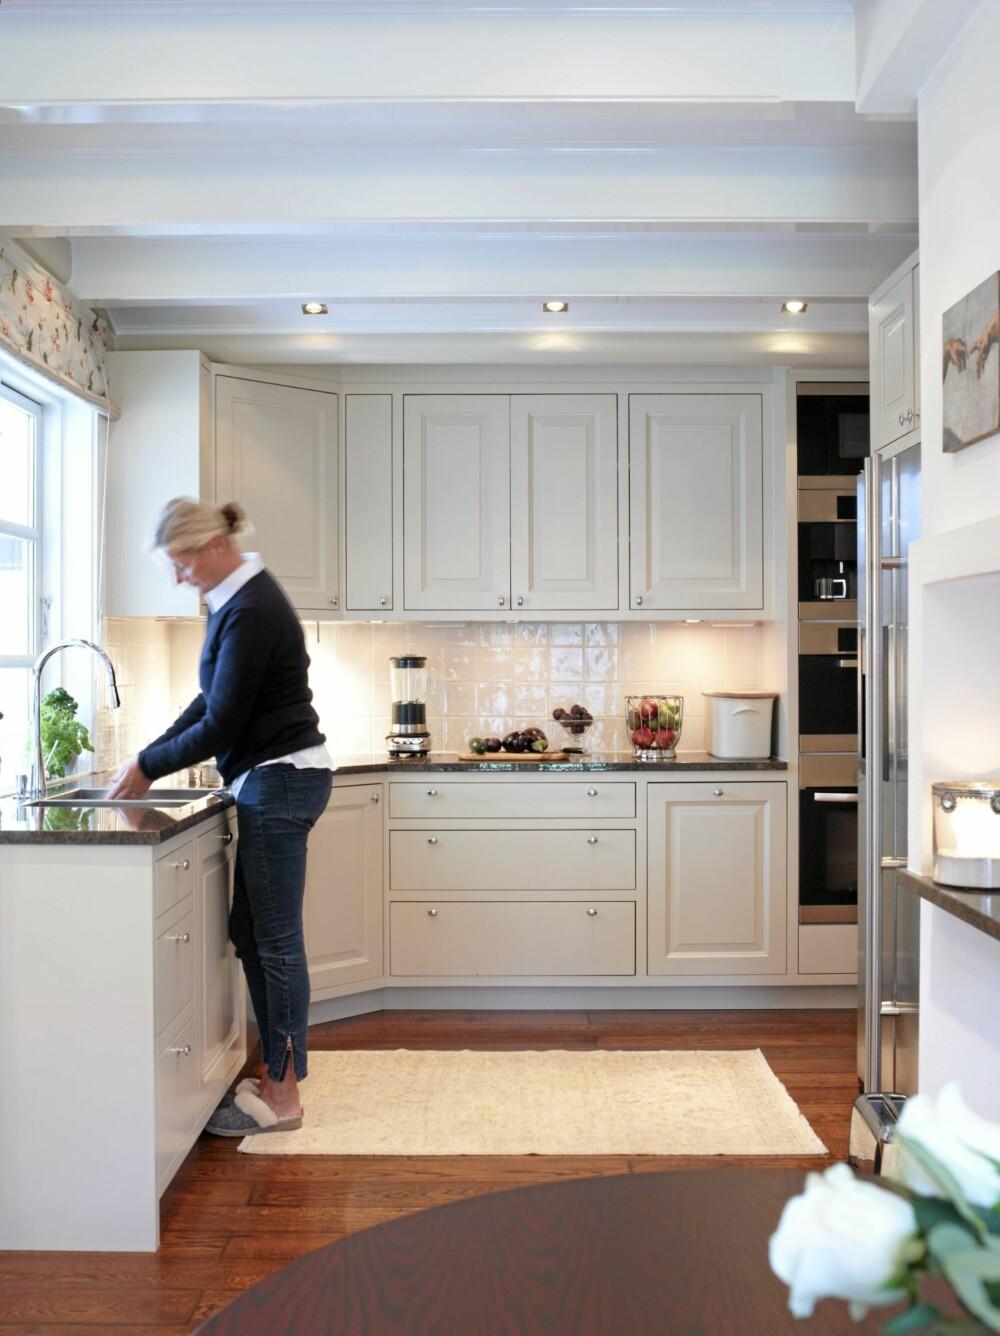 KJØKKENFINT. Marzena ville ha et lyst kjøkken som er lett å holde ryddig. Stort vindu over kjøkkenbenken gir fint lys.